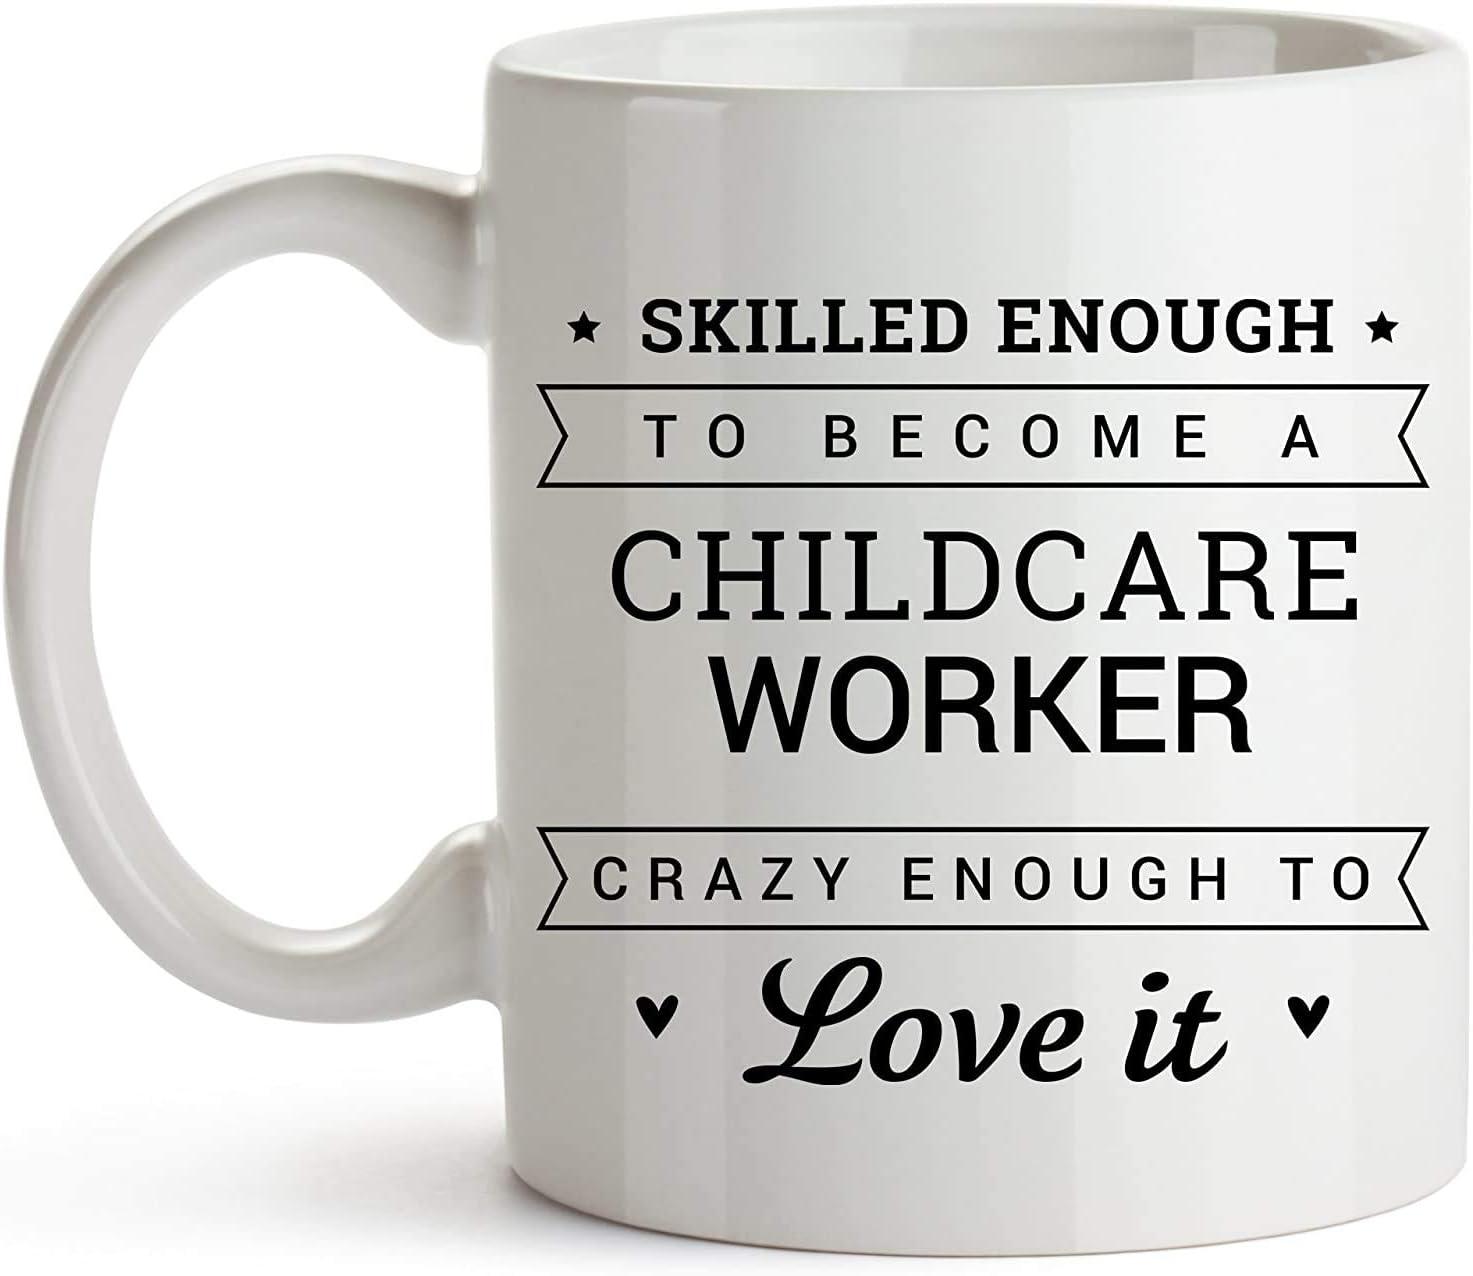 La mejor taza divertida para trabajadores de cuidado de niños, taza de té para trabajadores de cuidado de niños Apreciación perfecta, regalo de agradecimiento Ideal para hombres y mujeres: lo suficien